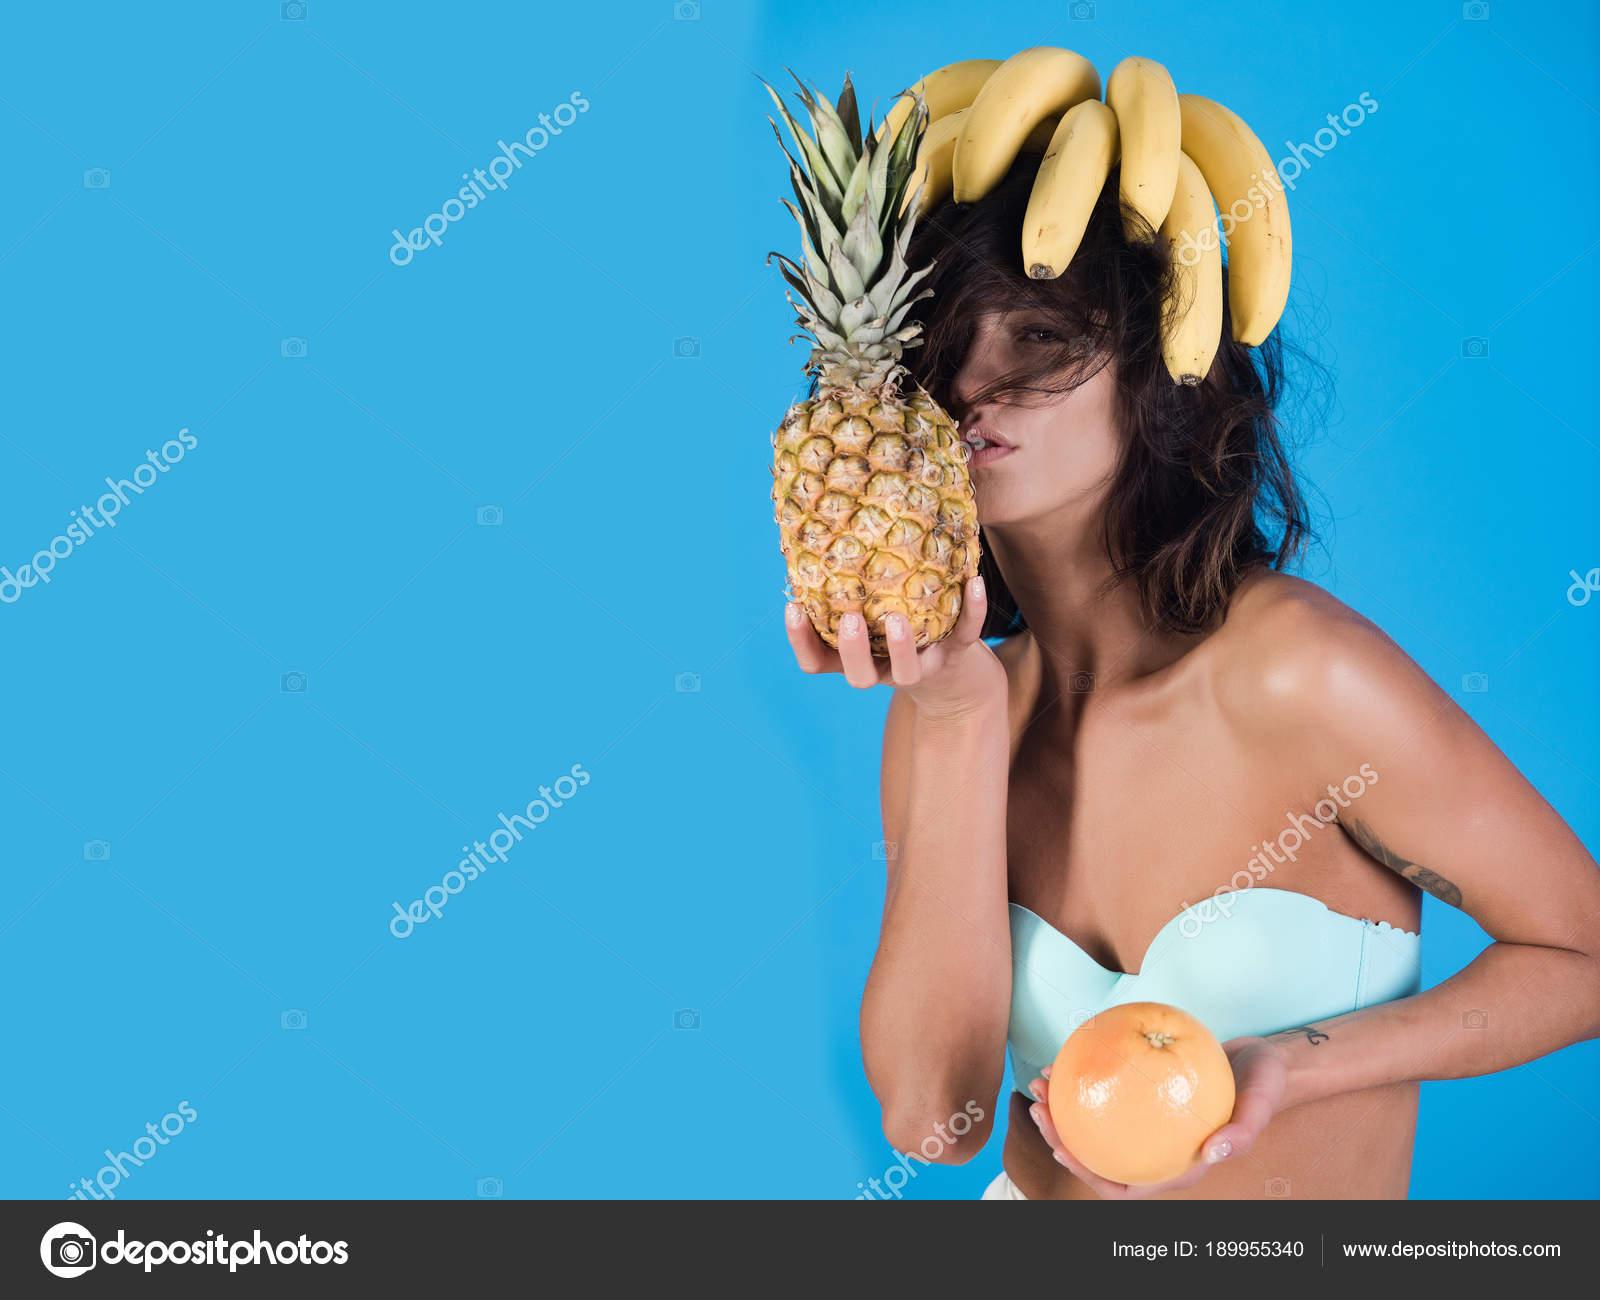 plodi-lyubvi-erotika